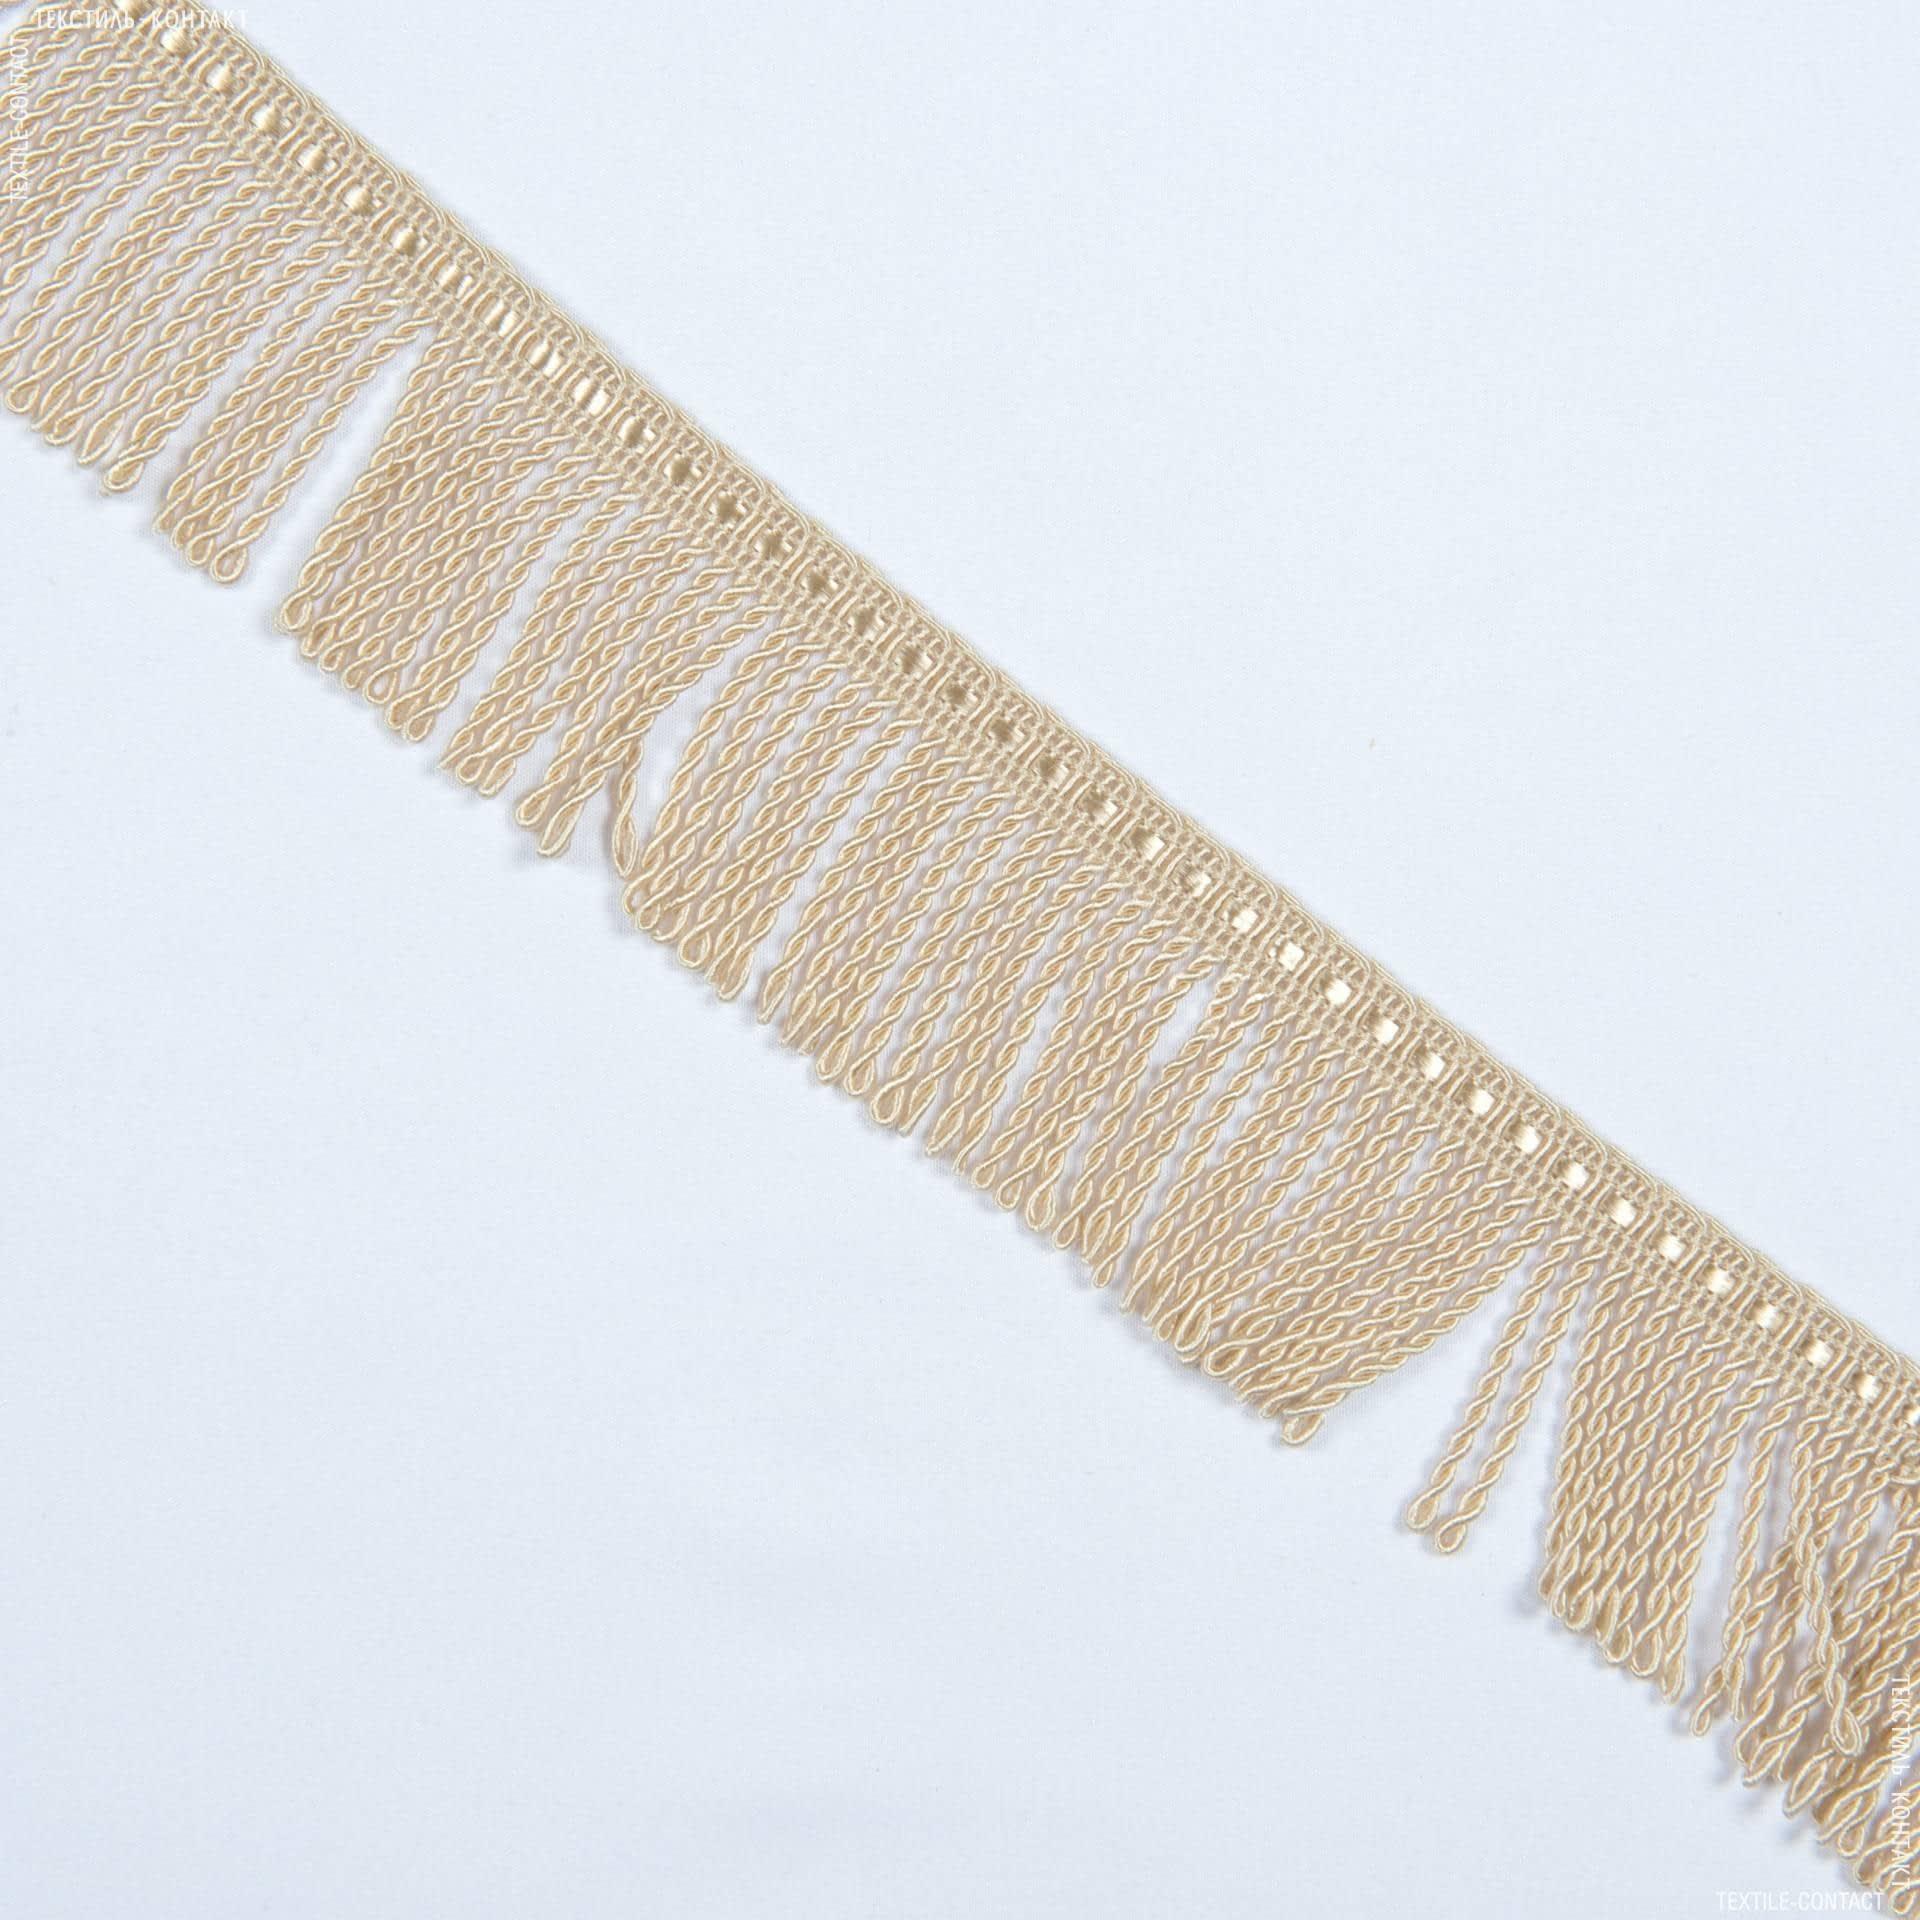 Ткани фурнитура для декора - Бахрома солар спираль беж